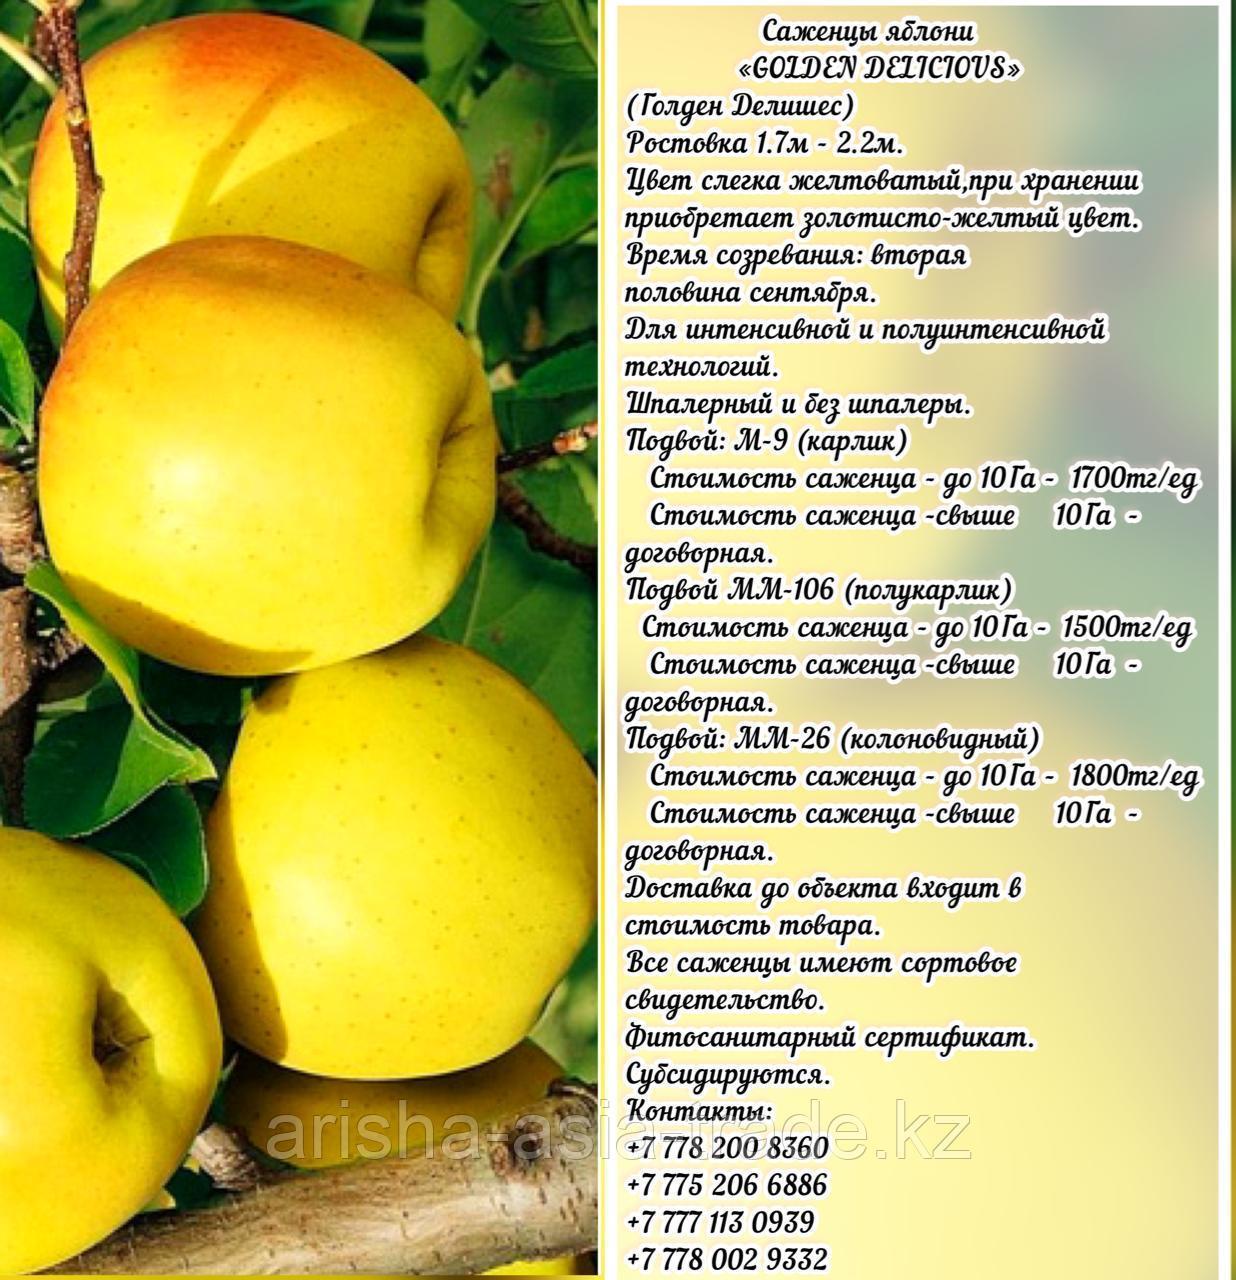 """Саженцы яблони """"Golden Delicious"""" (Голден Делишес) подвой мм 26 Сербия"""